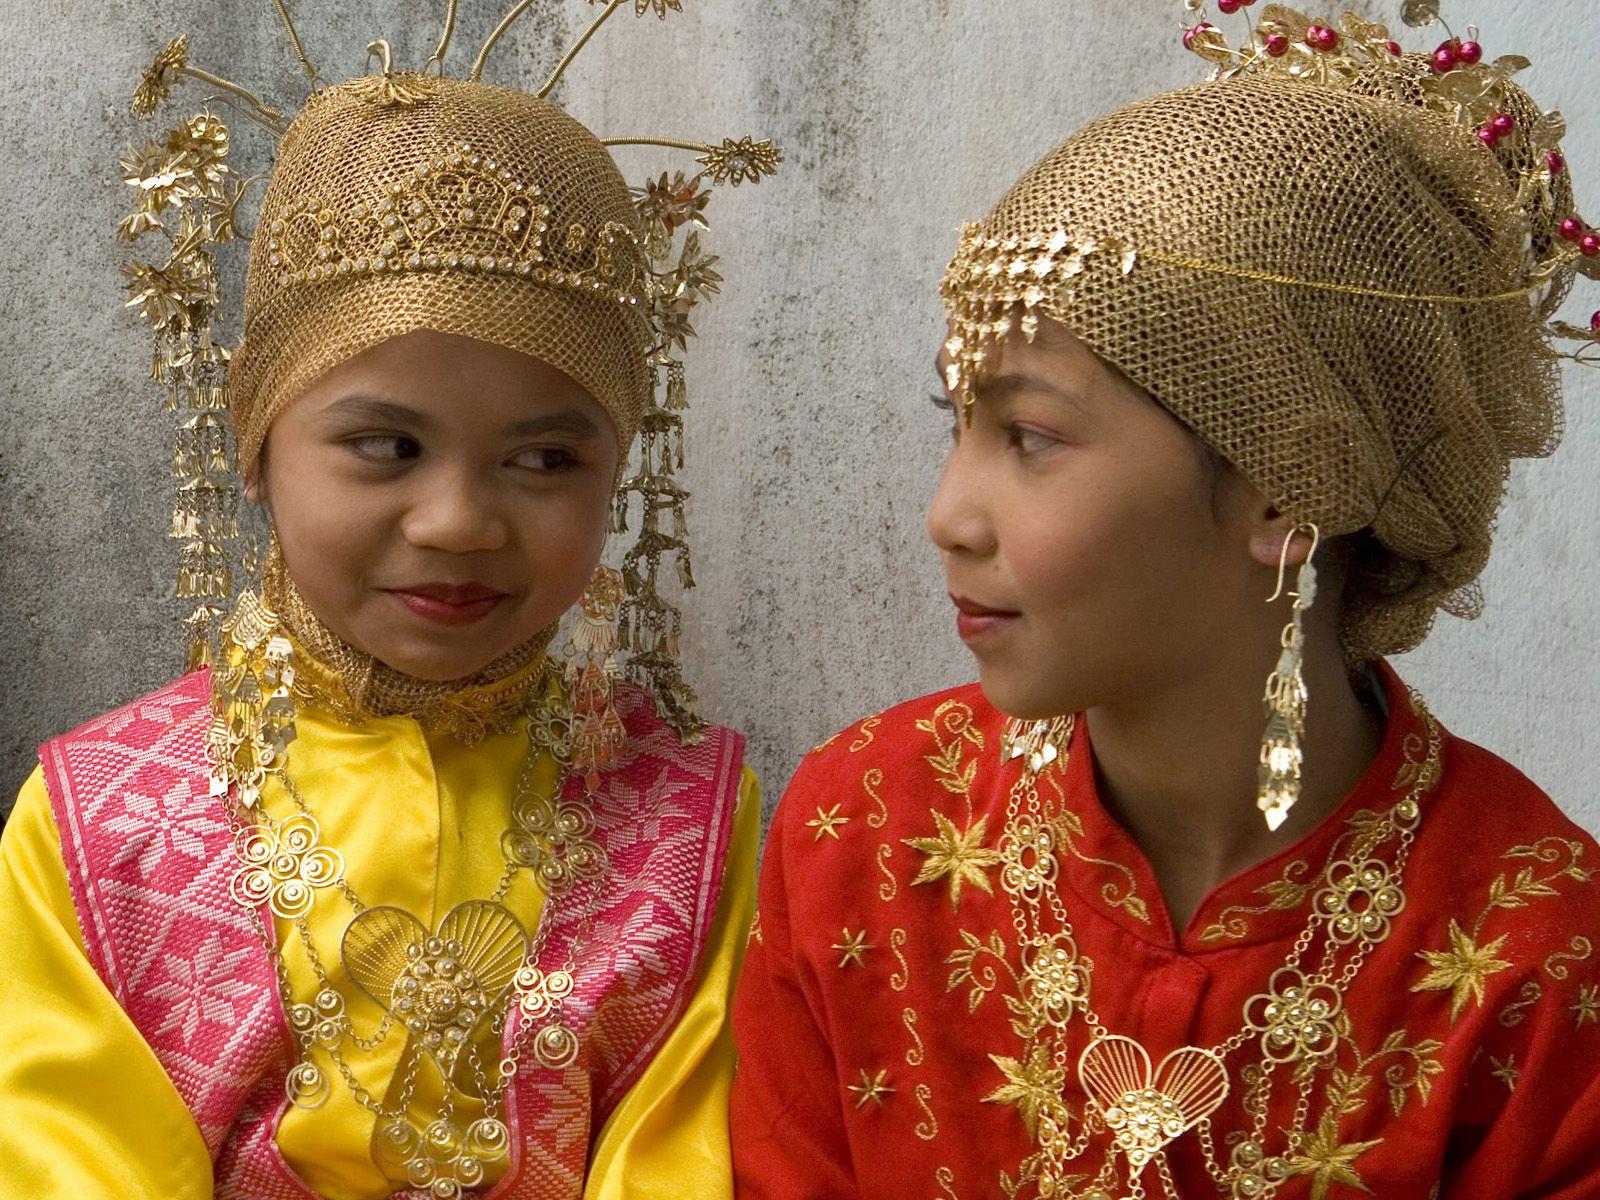 Deux fillettes en tenue traditionnelle village d 39 enfants sos de meulaboh indon sie cr dit - Femme cherche homme pour coucher ...